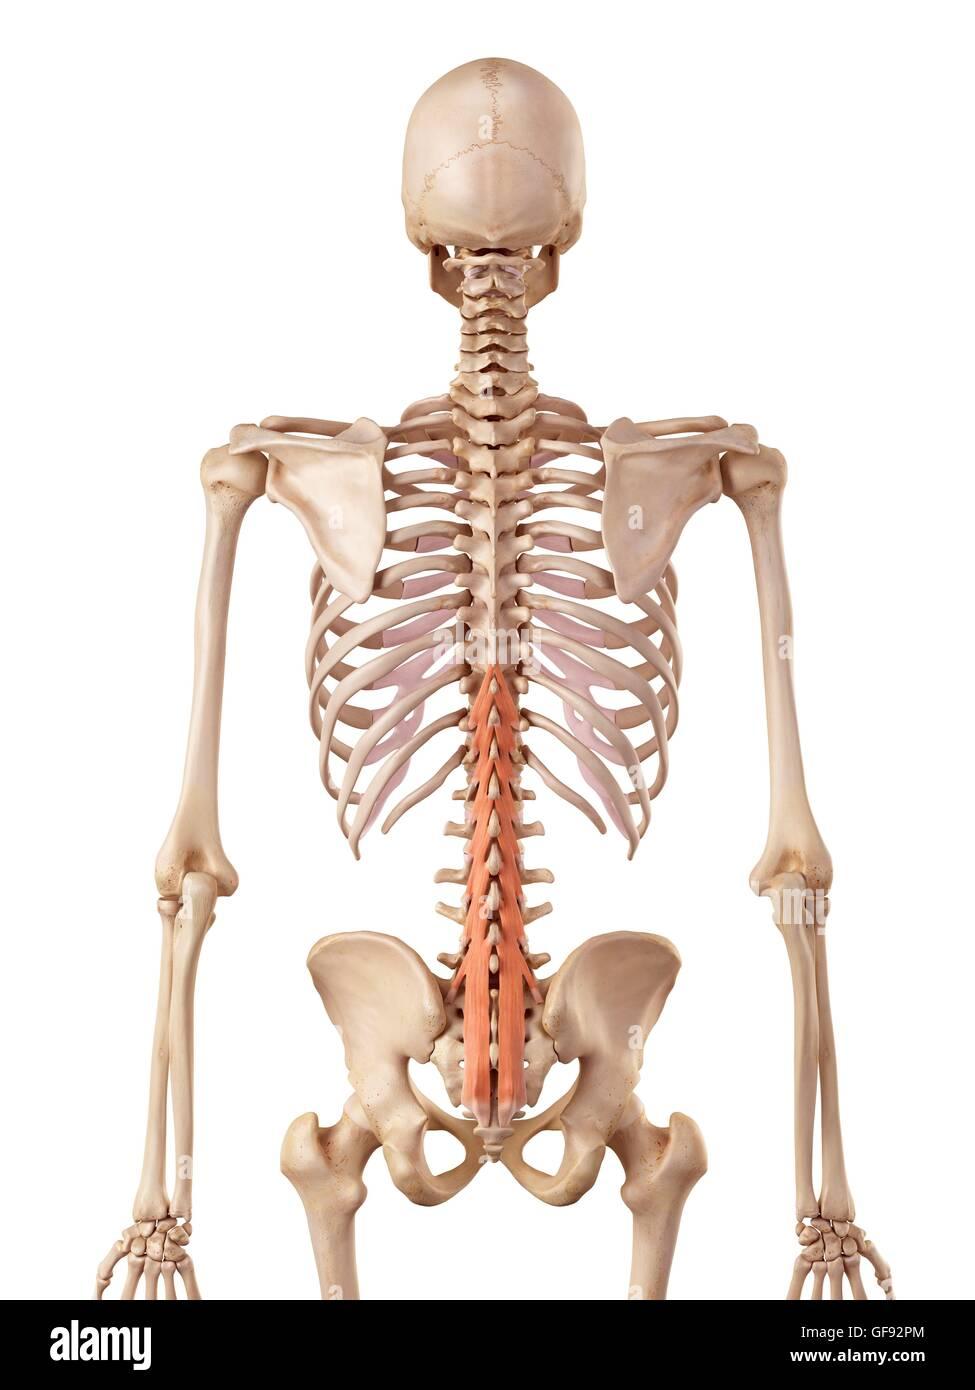 Menschliche Wirbelsäule Muskeln, Abbildung Stockfoto, Bild ...